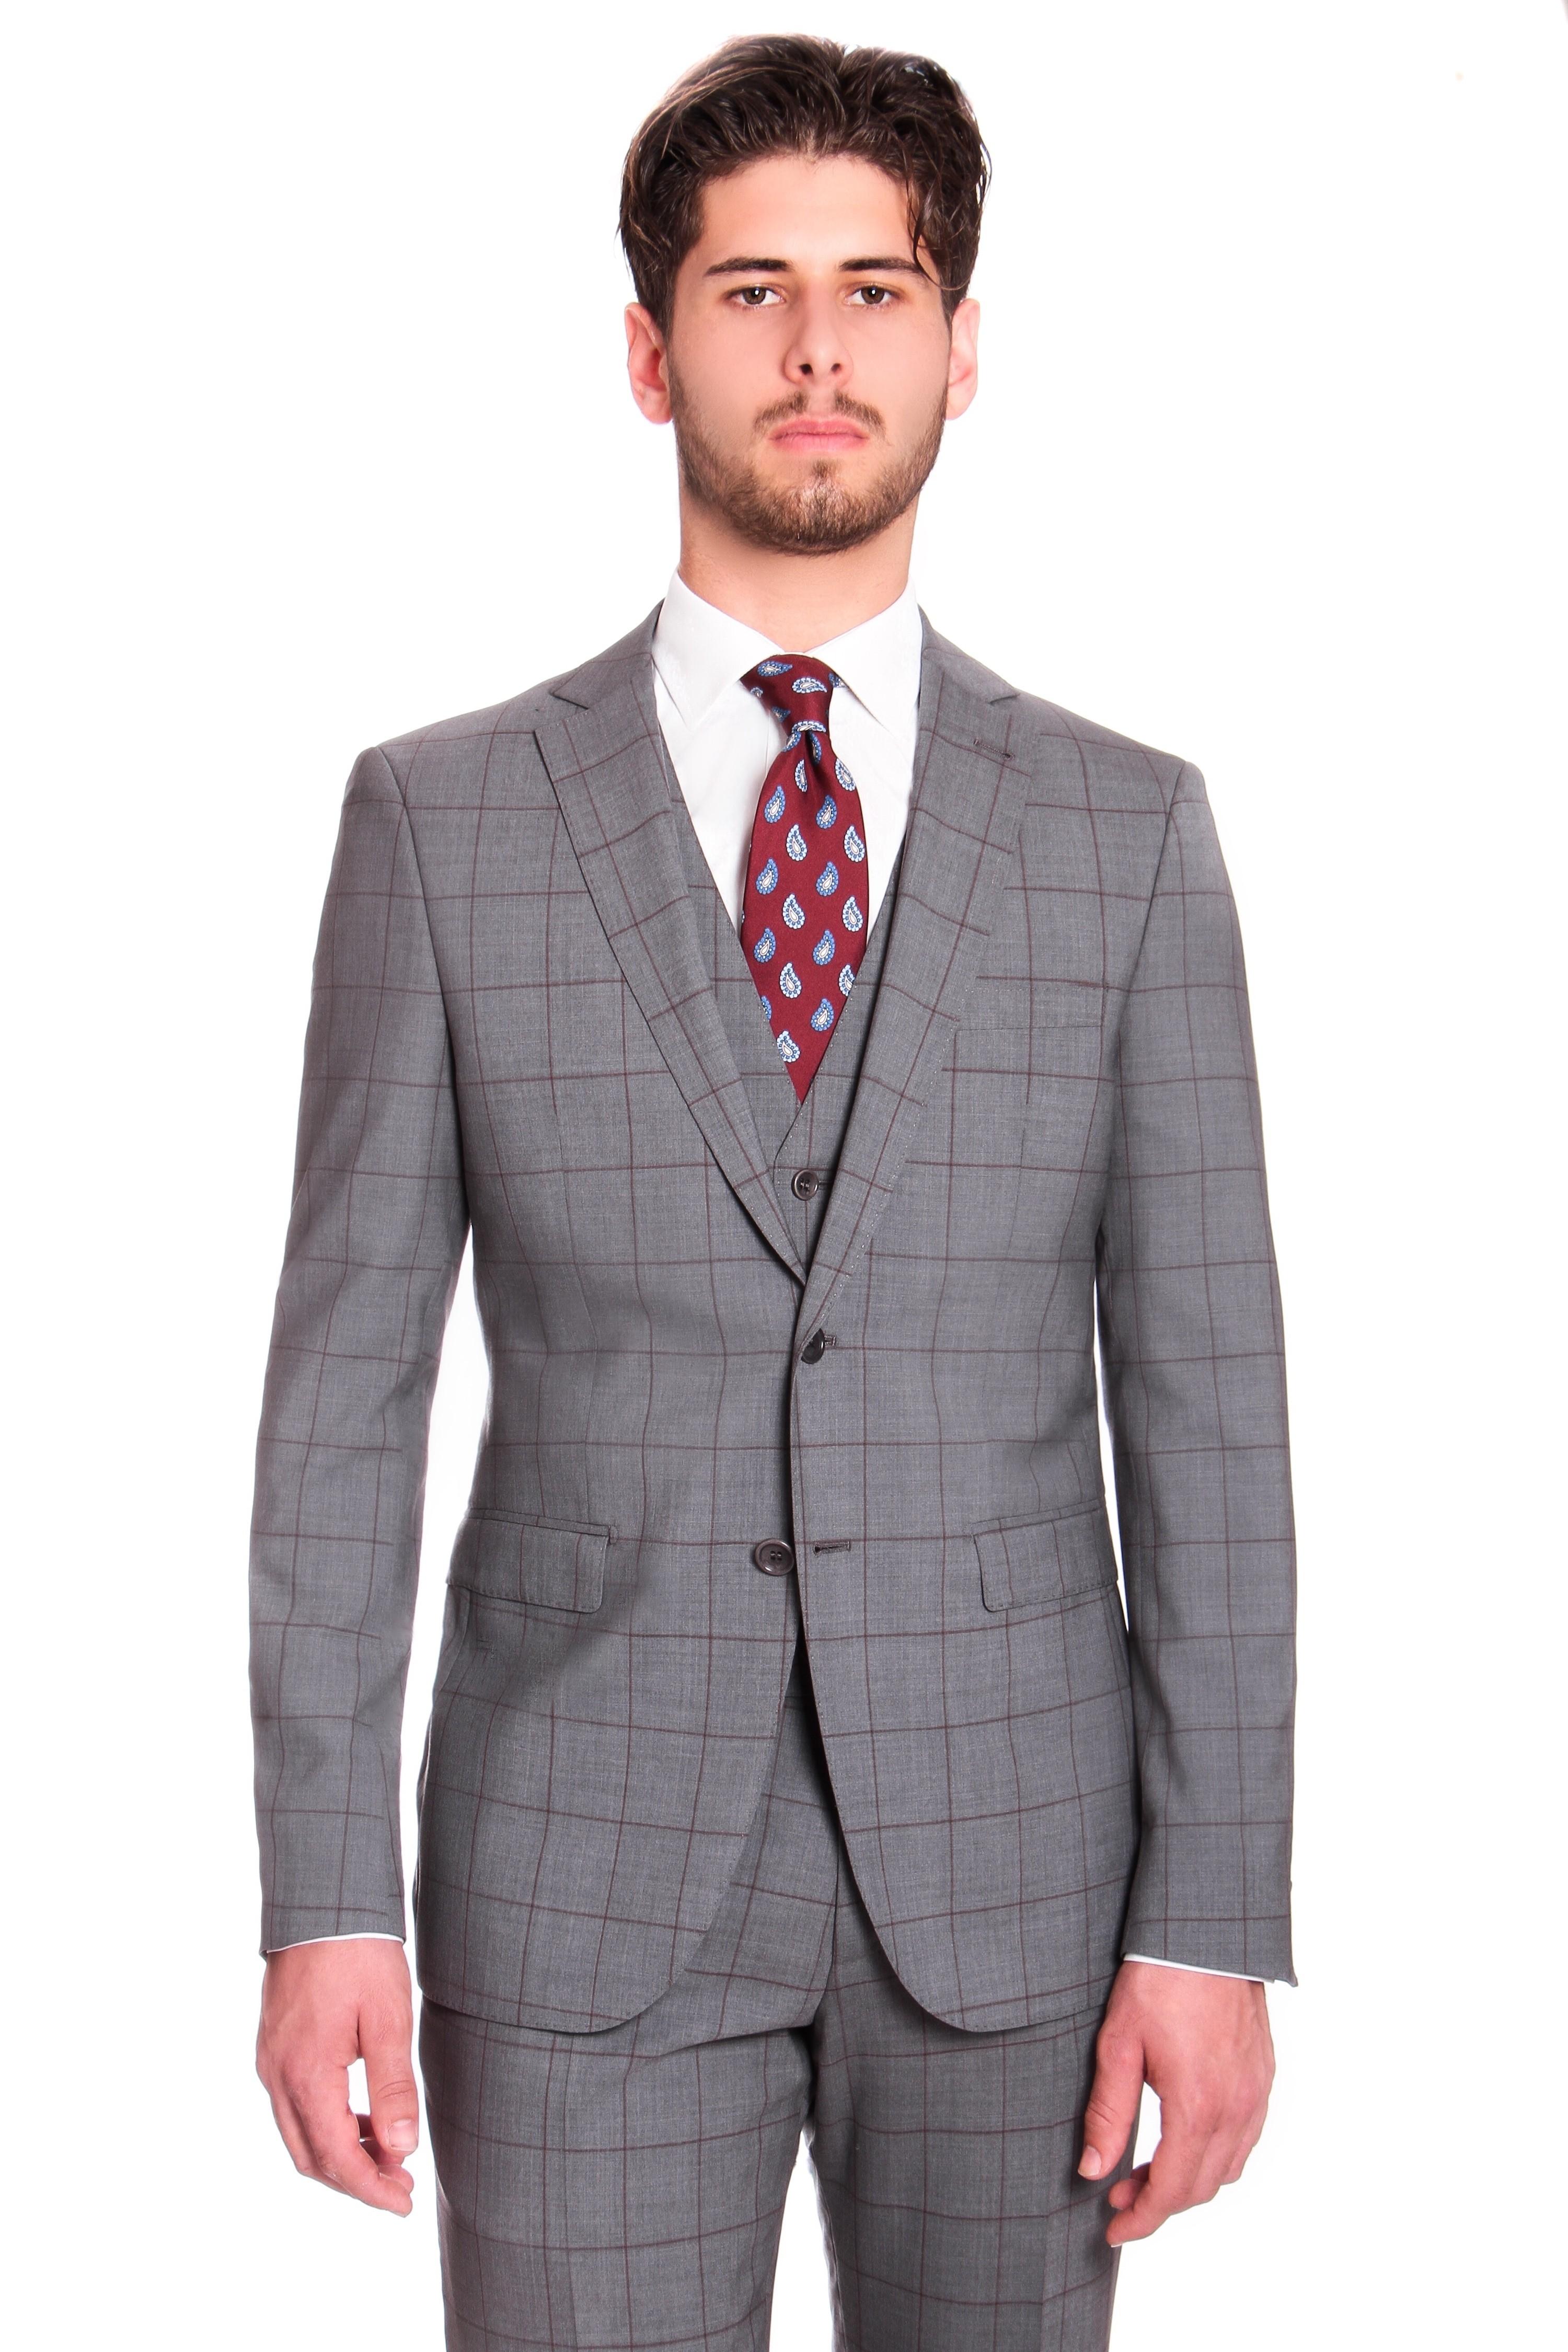 Costume 3 pièces : gris à carreaux-fenetre marron - pure laine - tissu Zegna traveller 130's